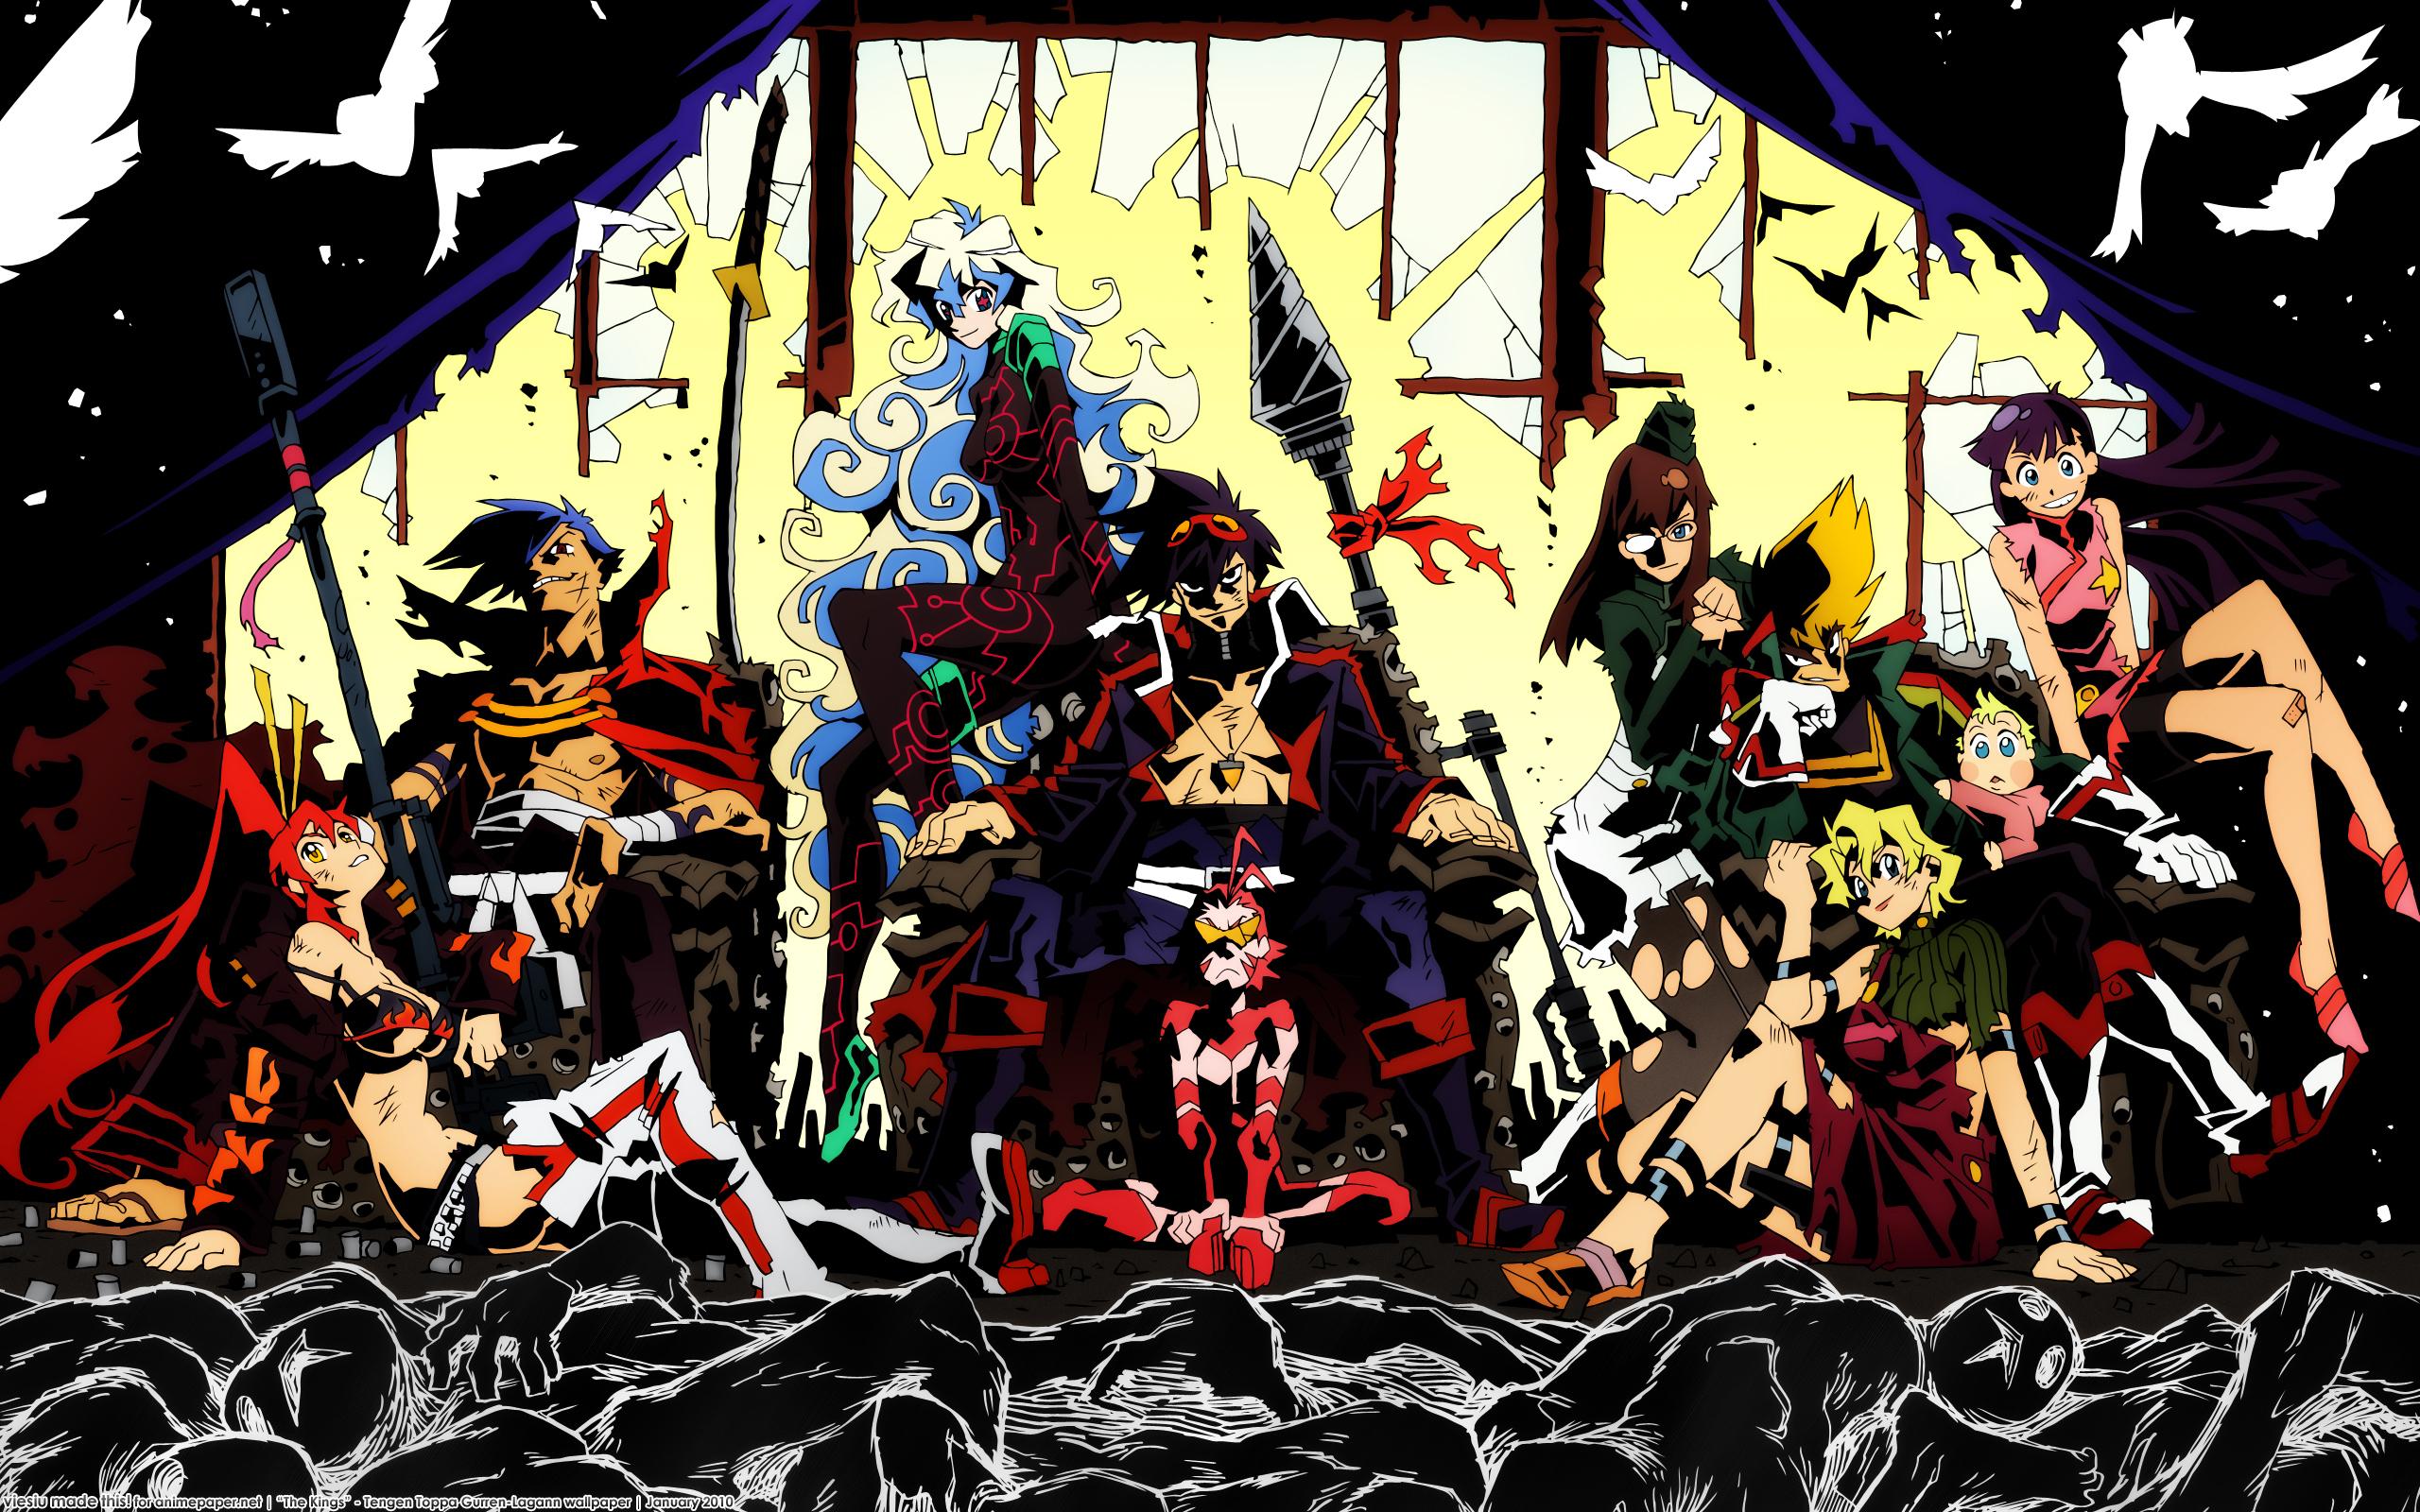 Imagem  qualquer de Gurren Lagann, porque esse anime tá no meu TOP 10